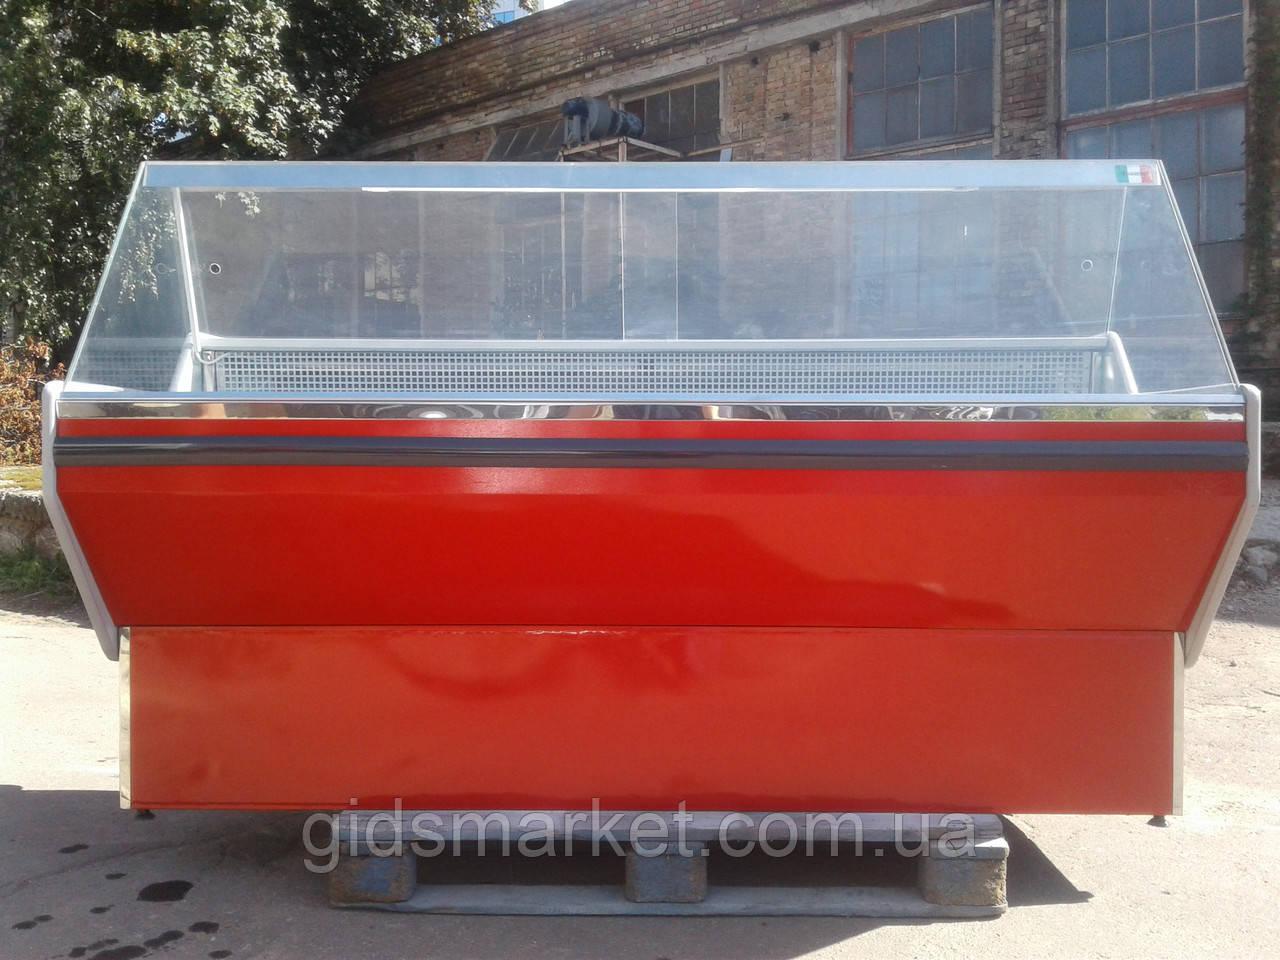 Холодильная гастрономическая витрина М-20 б/у, холодильный прилавок б у, витрина холодильная б у